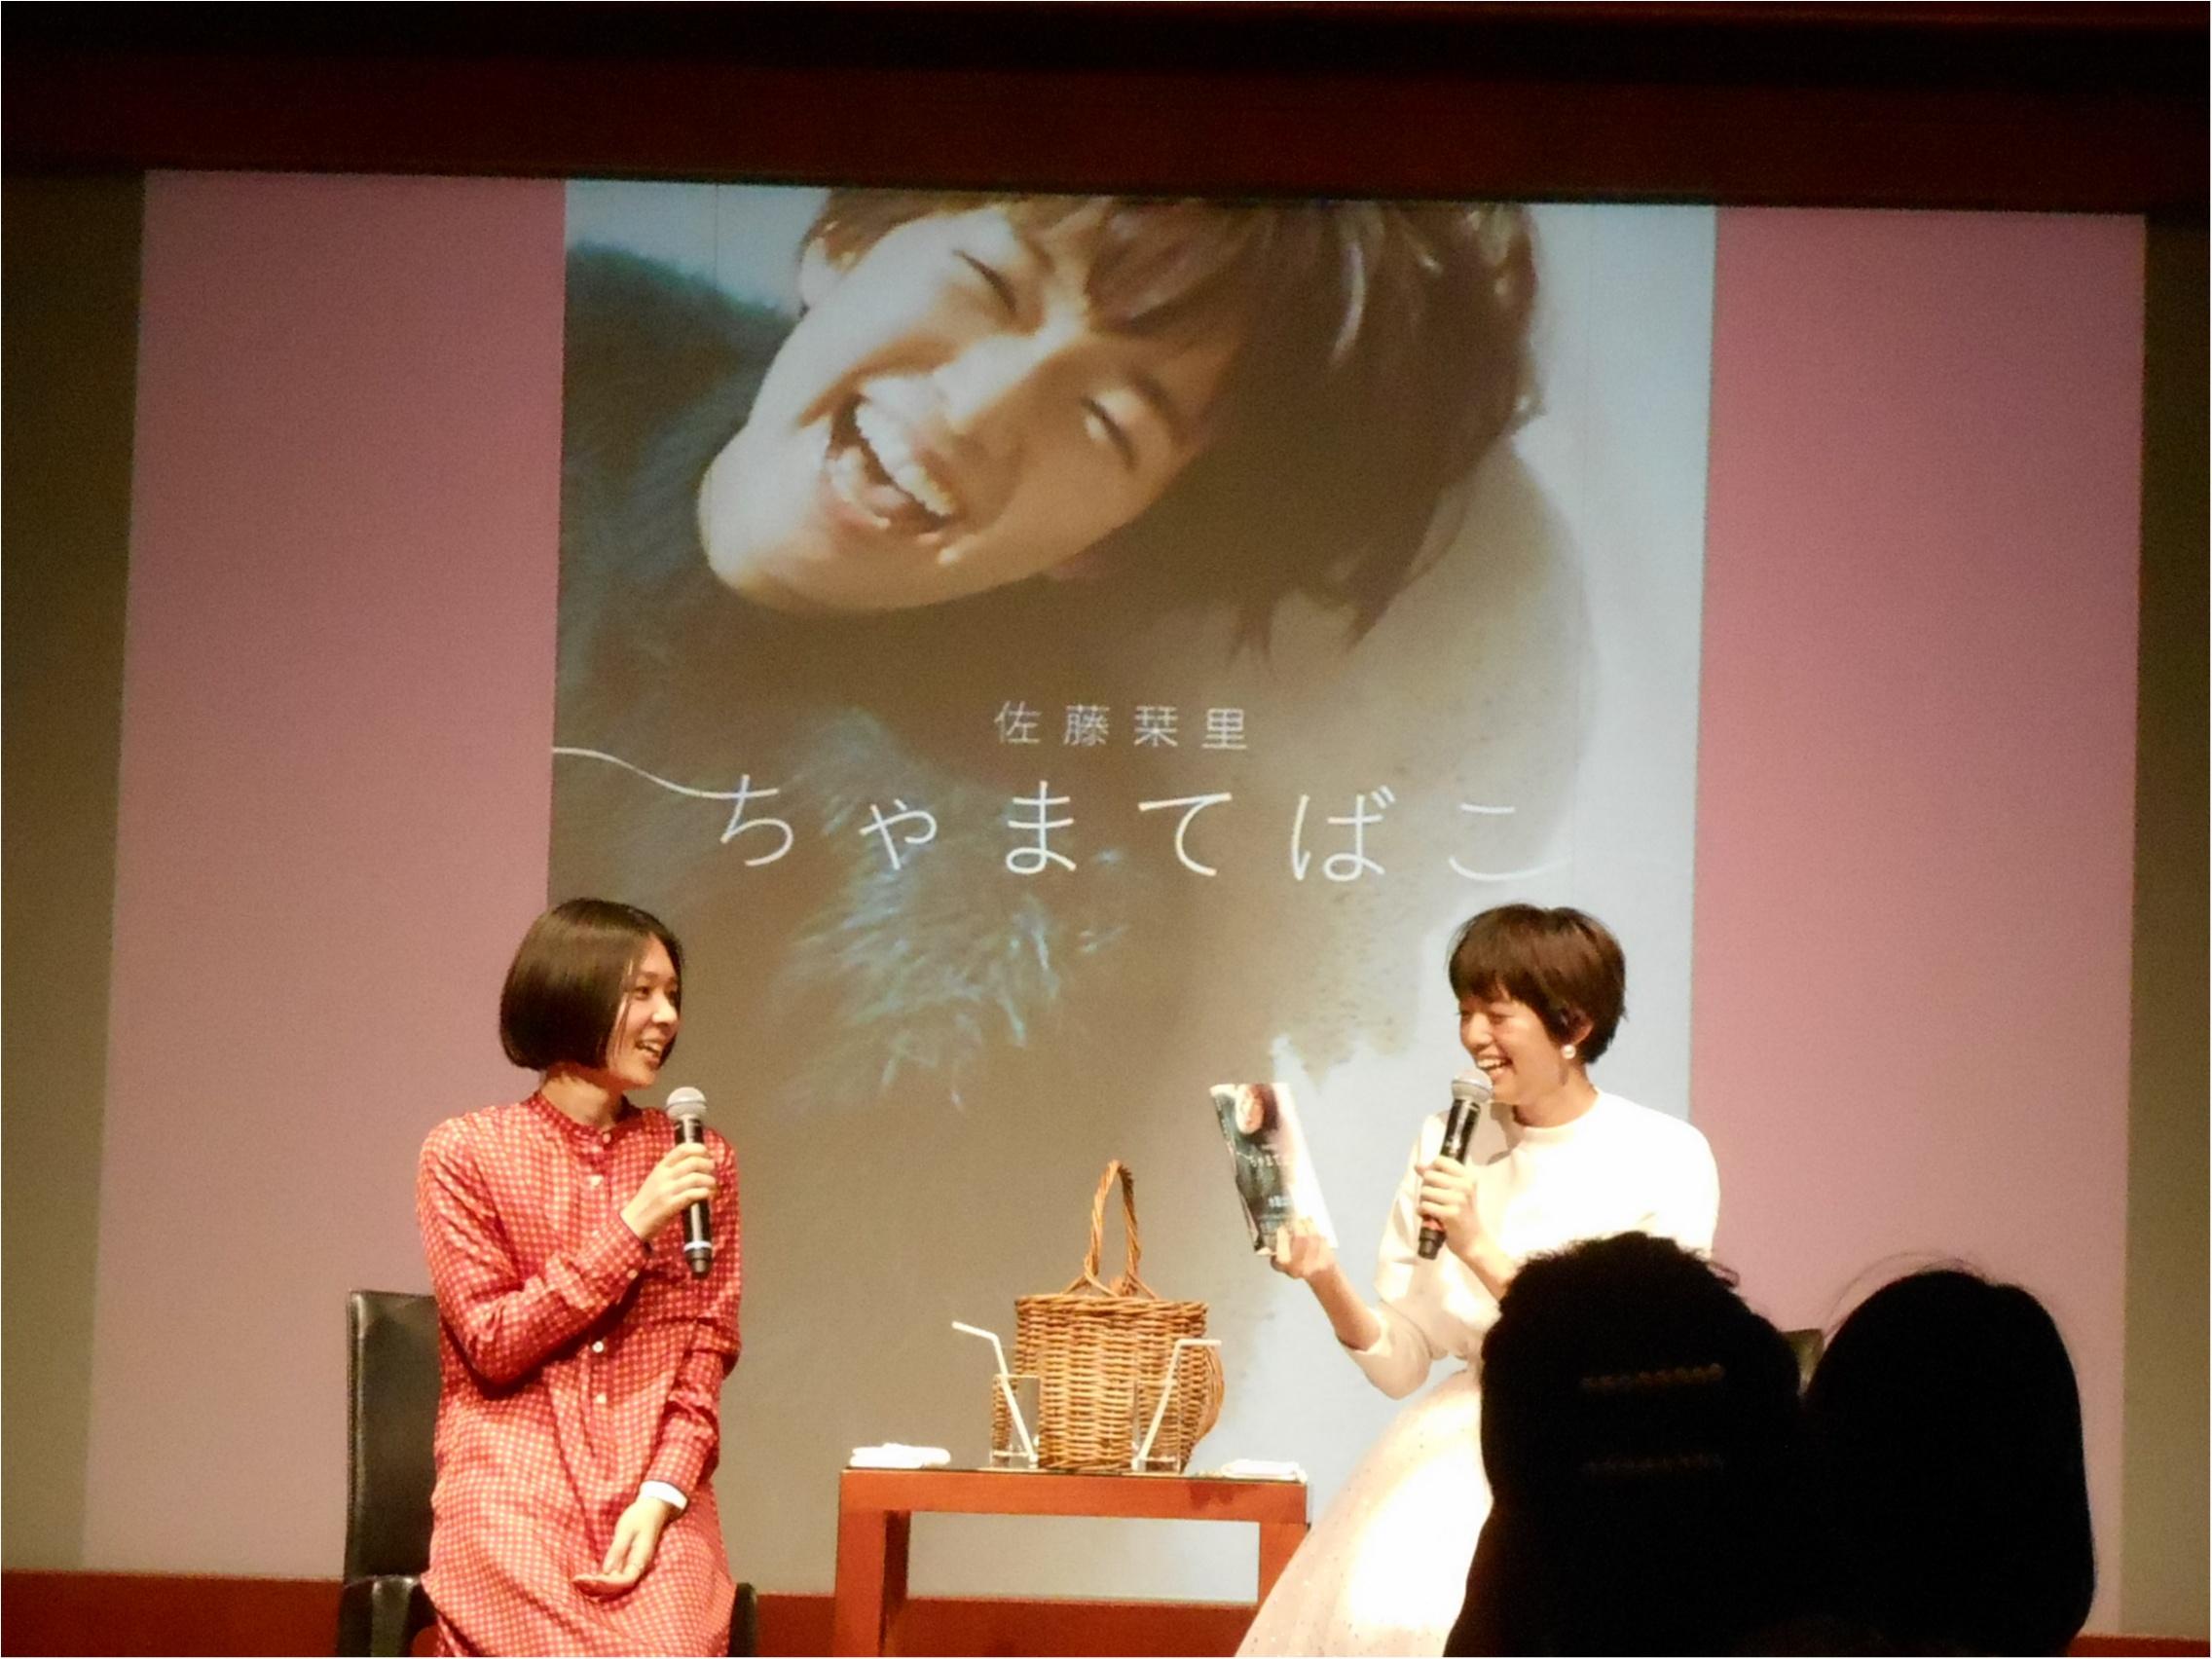 【MORE大女子会】読めばあなたもキラキラ!?♡パークハイアット東京で夢のよな素敵時間レポート!_16